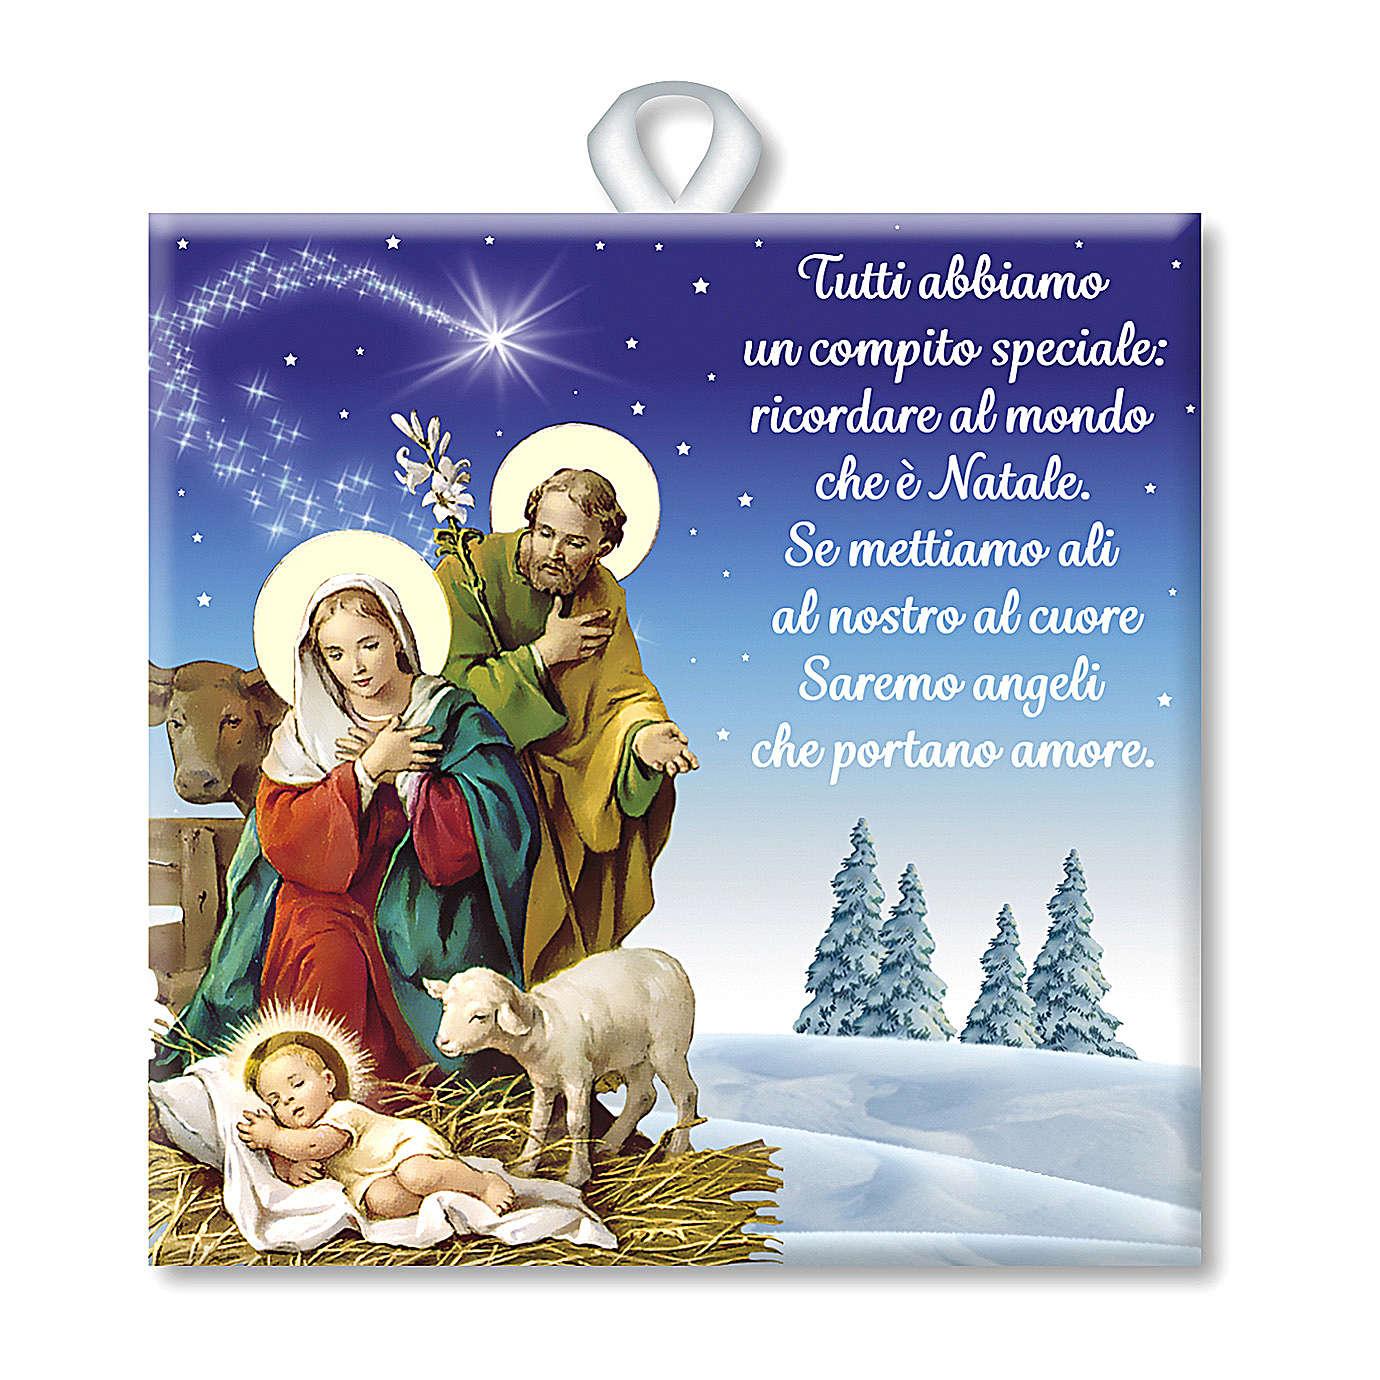 Ladrinho de cerâmica impressa cena Natividade oração ITA no verso 3